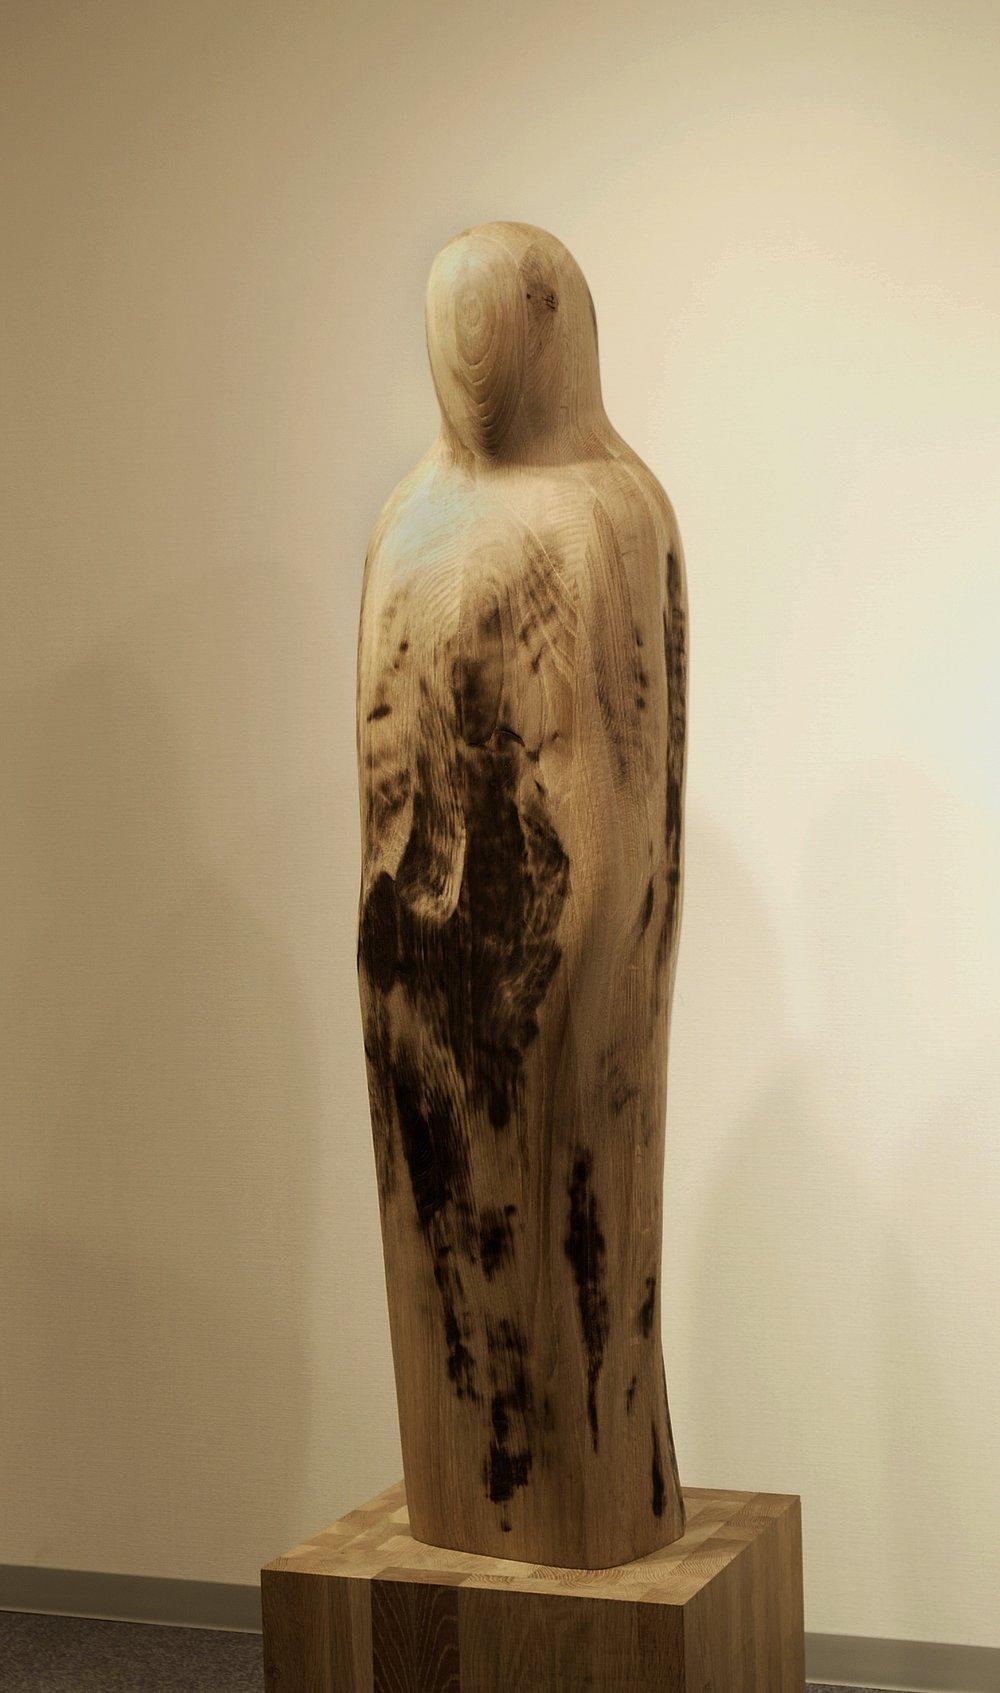 Seion I  White Oak  130 x 26 x 30 cm